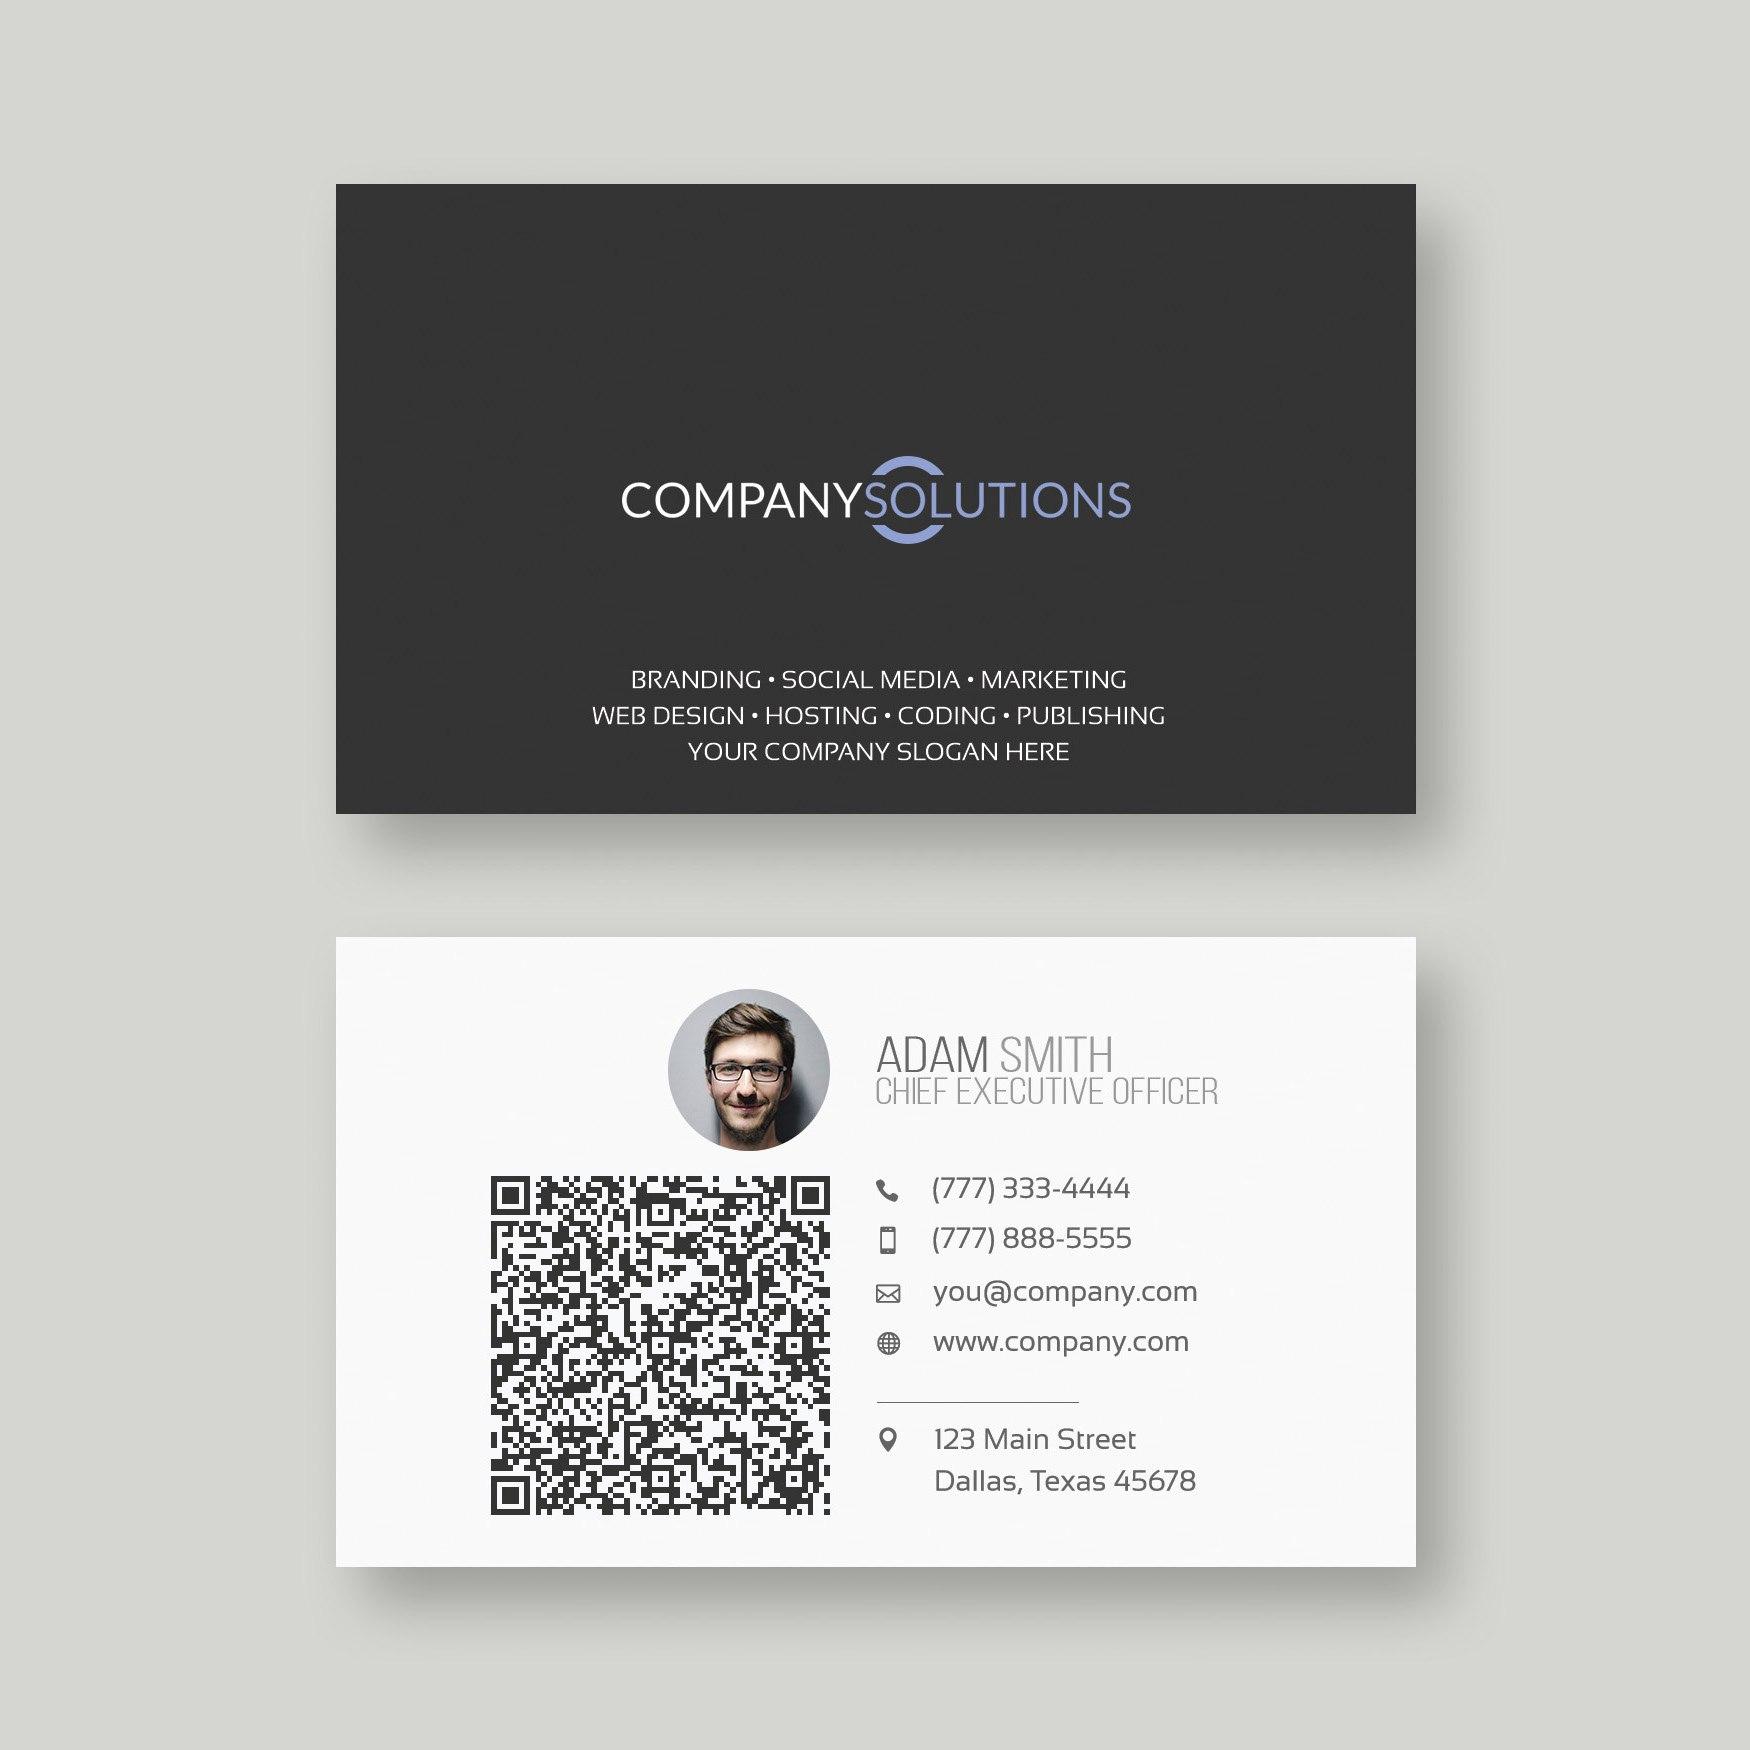 Modern Qr Code Business Card Template  Web•plant•media Intended For Email Business Card Templates